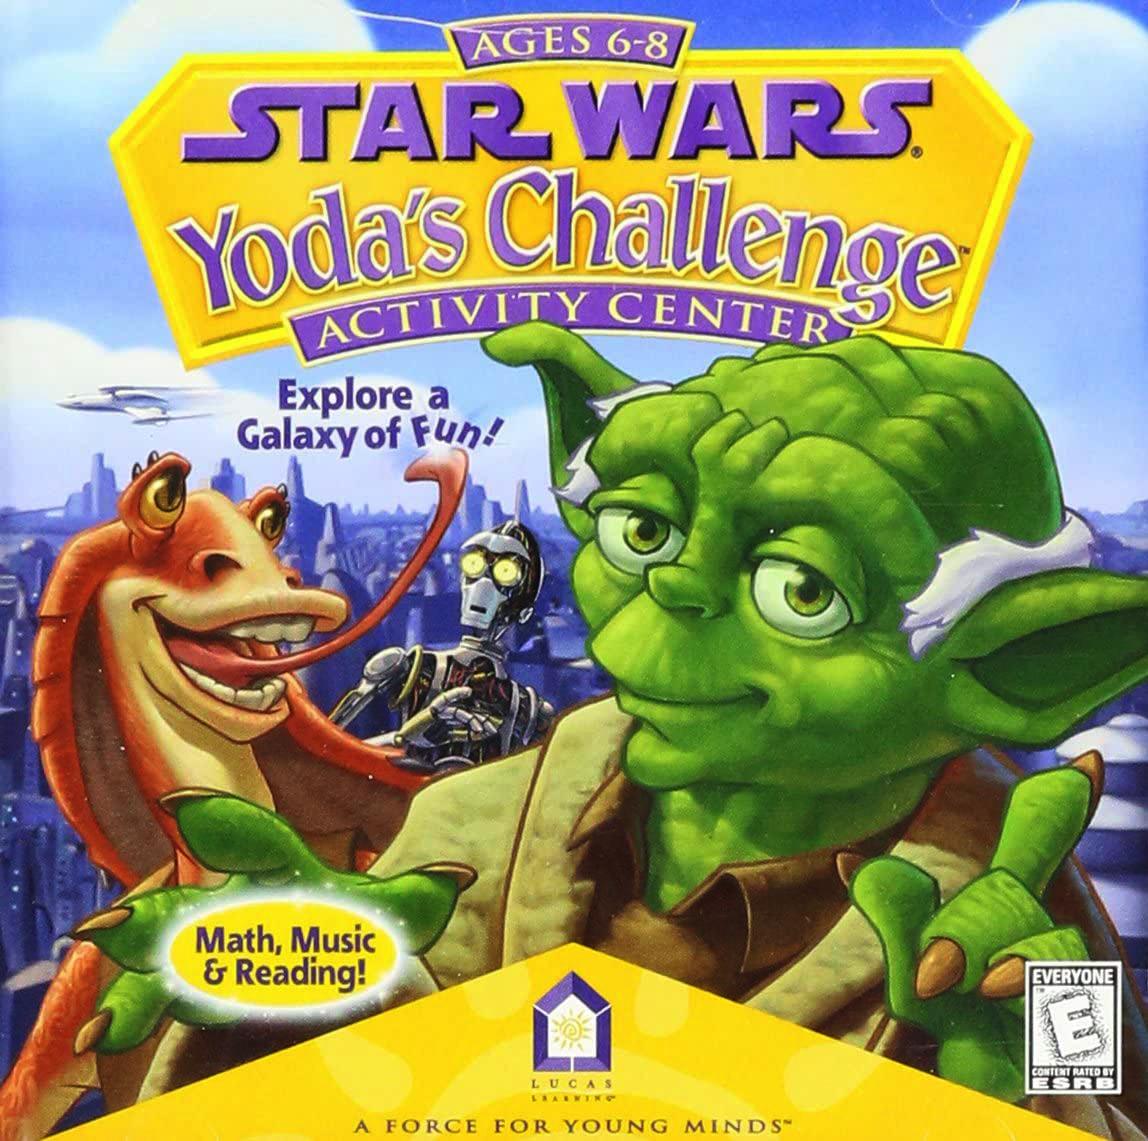 Star Wars: Yoda's Challenge Activity Center